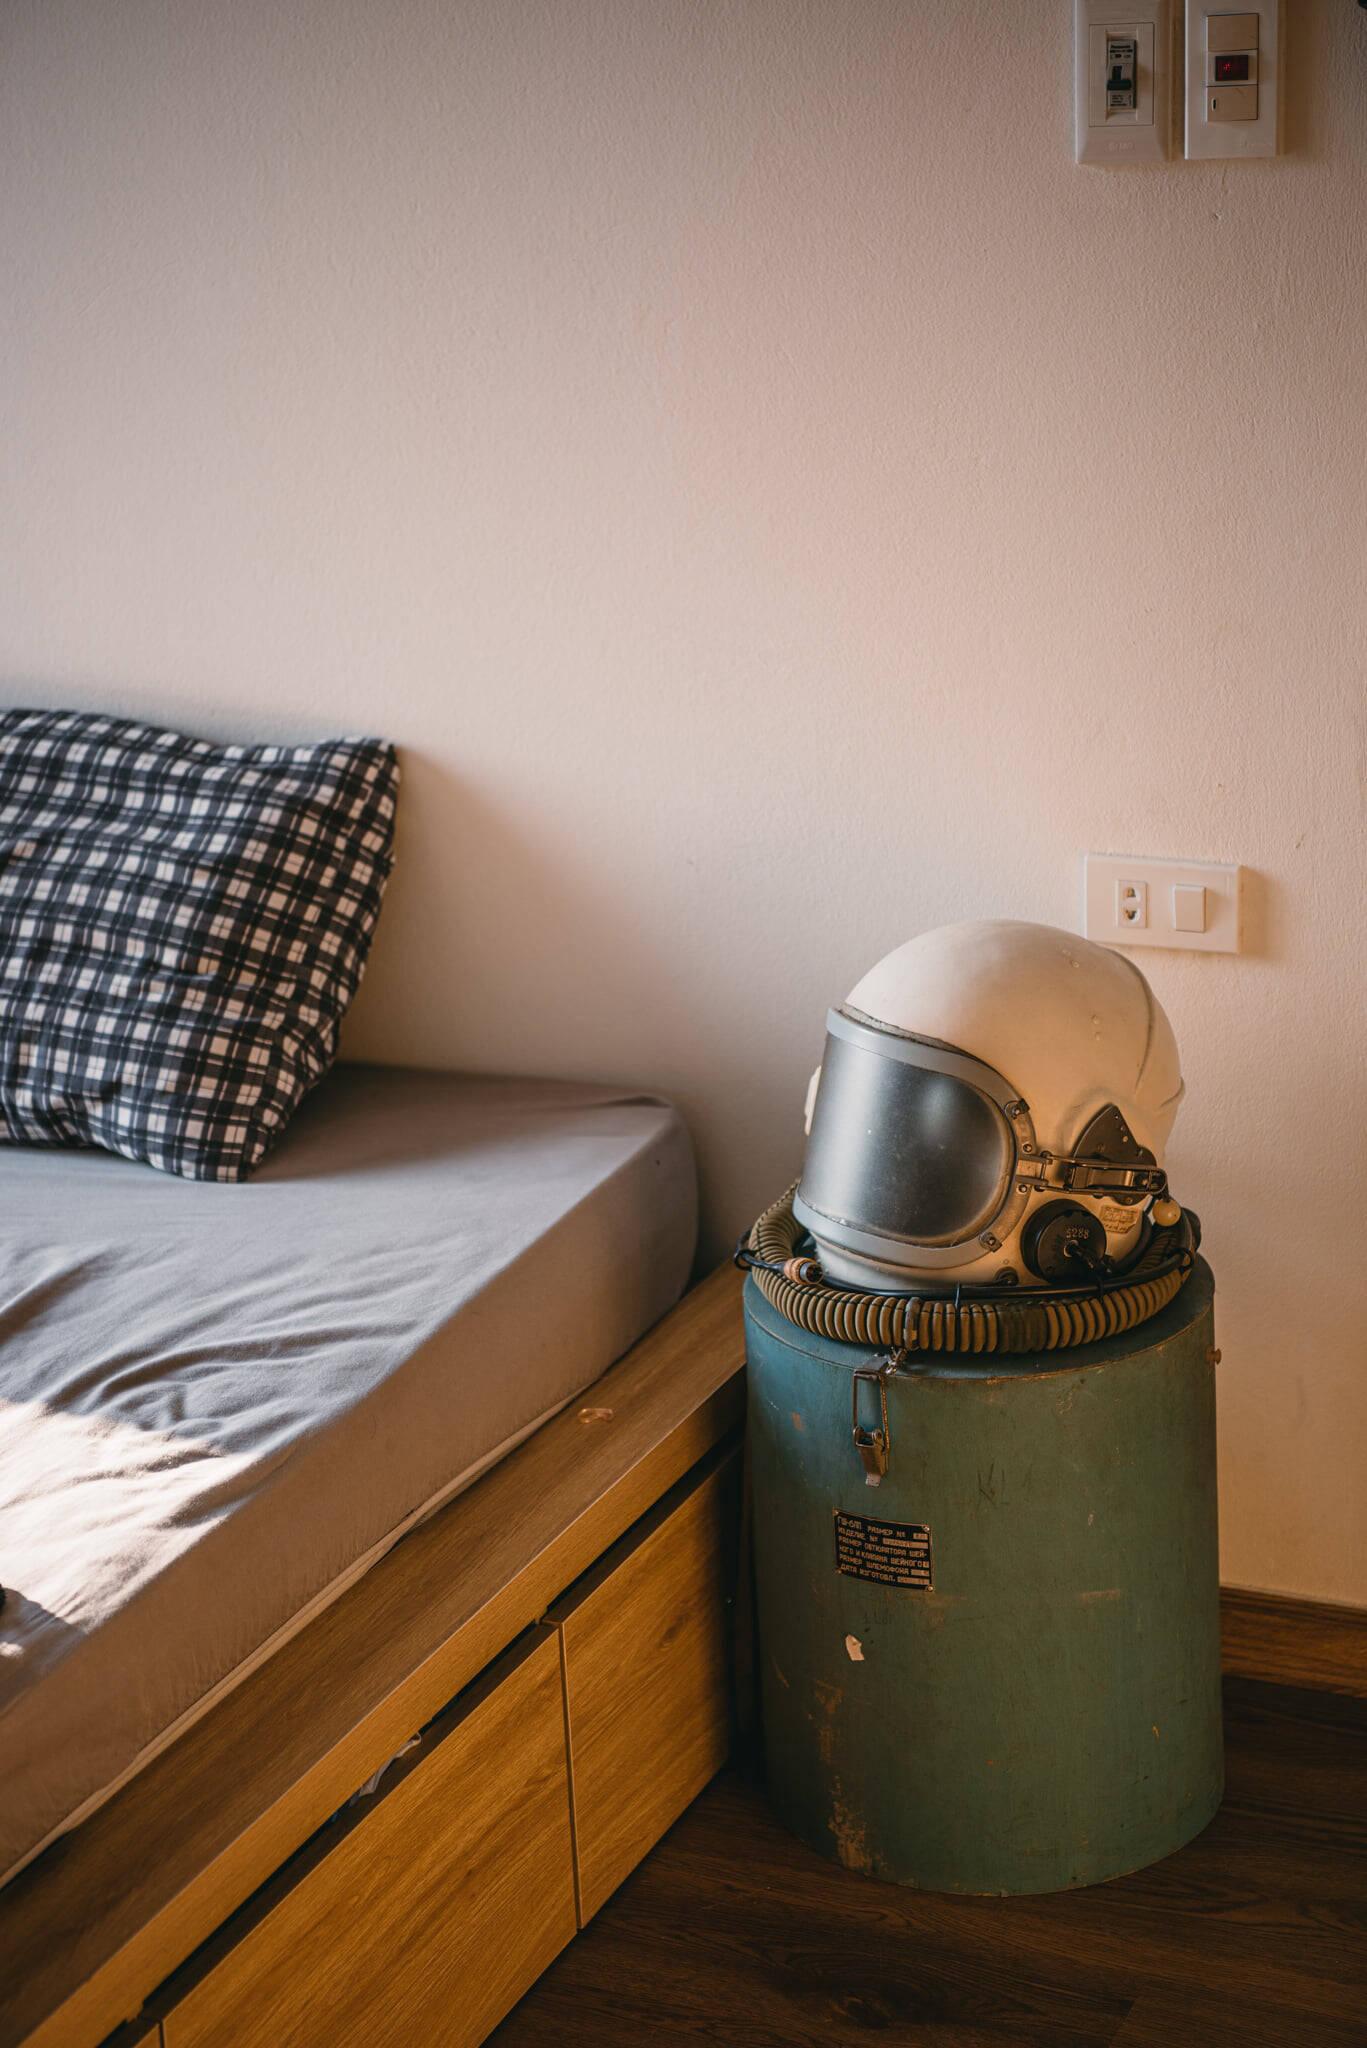 Là một người thích sự mới mẻ, sáng tạo, anh Bảo Khánh tự làm rất nhiều thứ trong nhà. Chiếc đèn ngủ làm từ mũ phi hành gia này là một ví dụ điển hình.